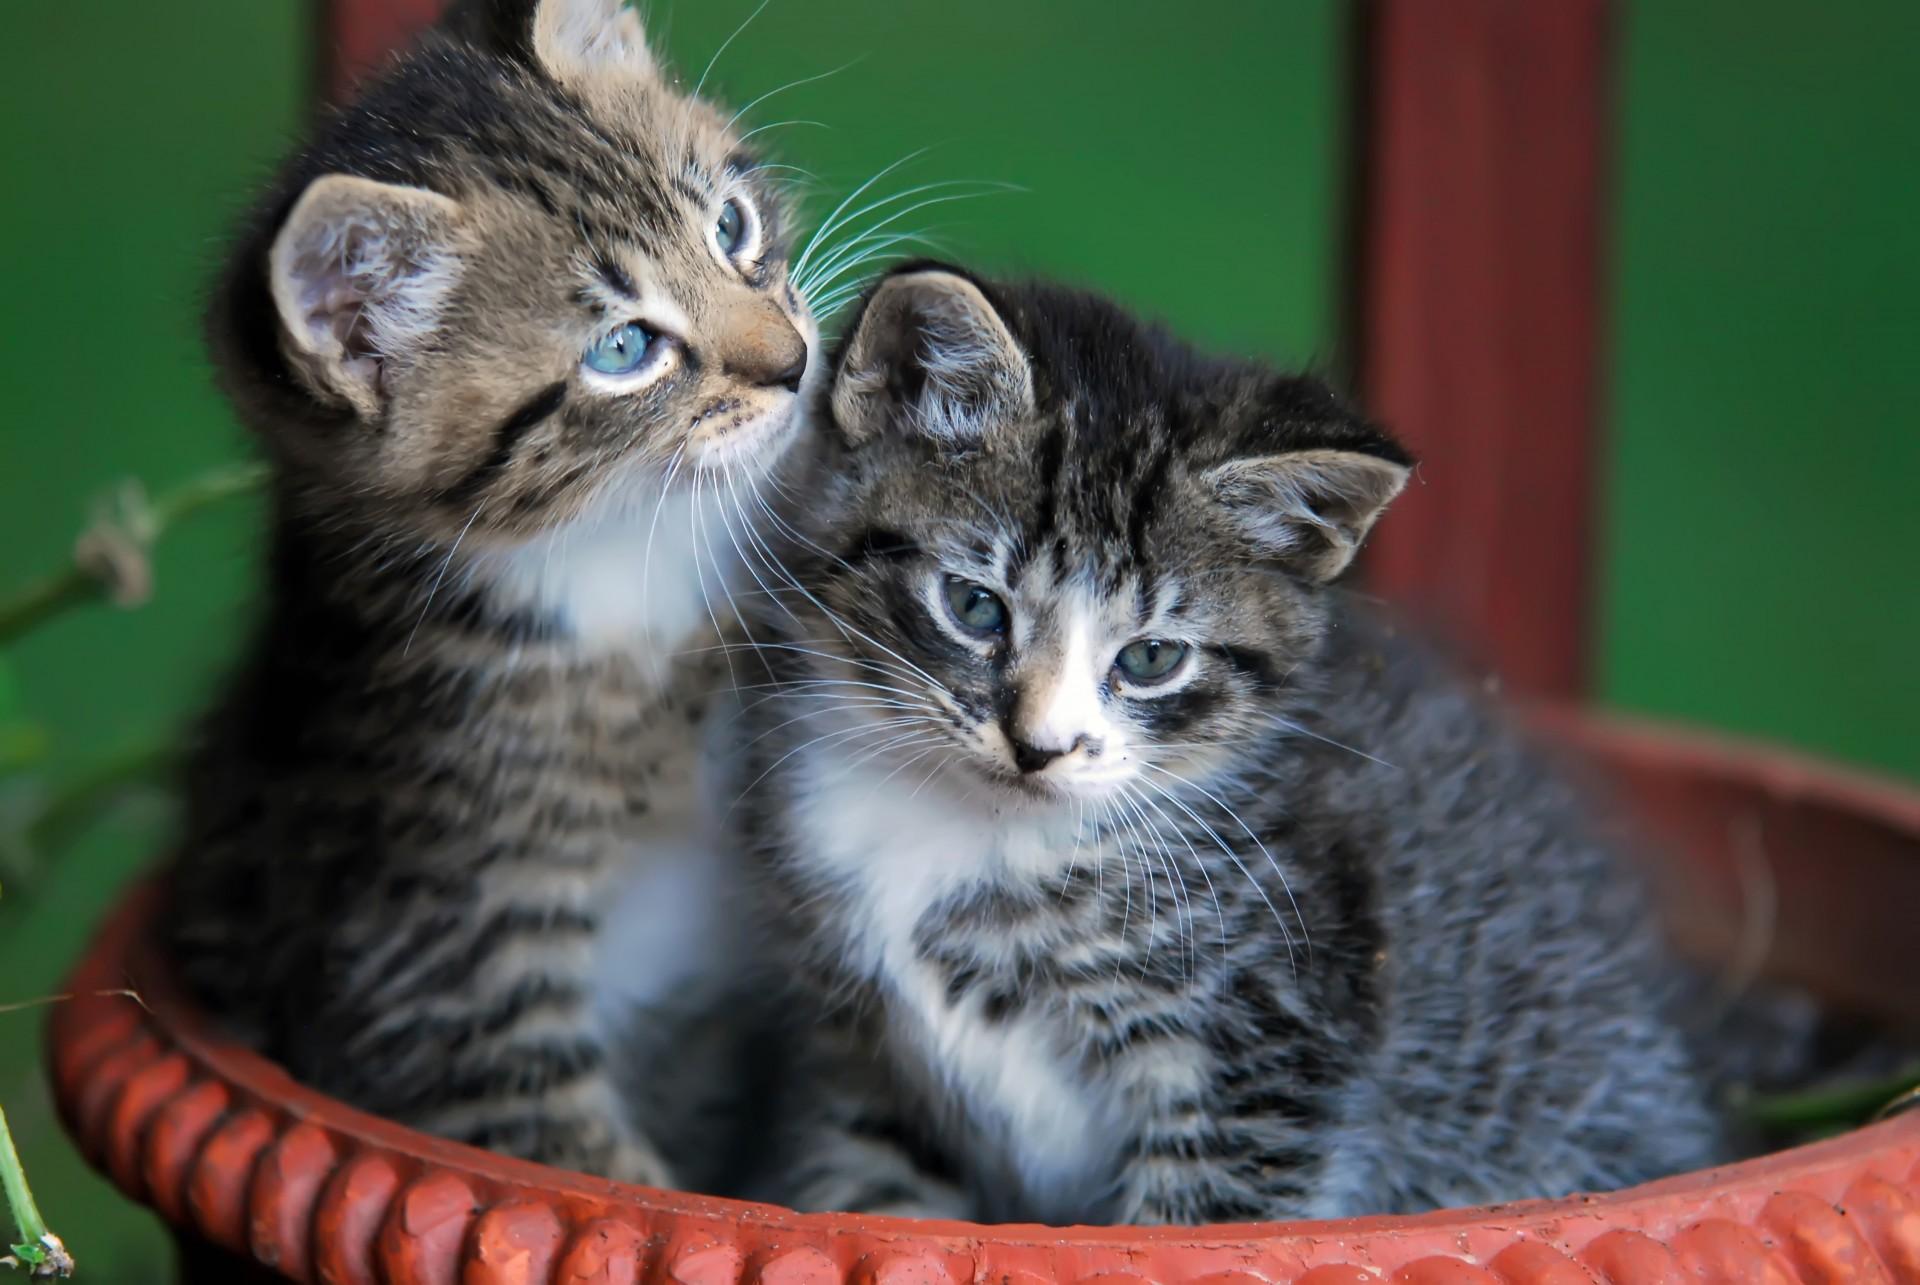 cute-kittens-in-basket